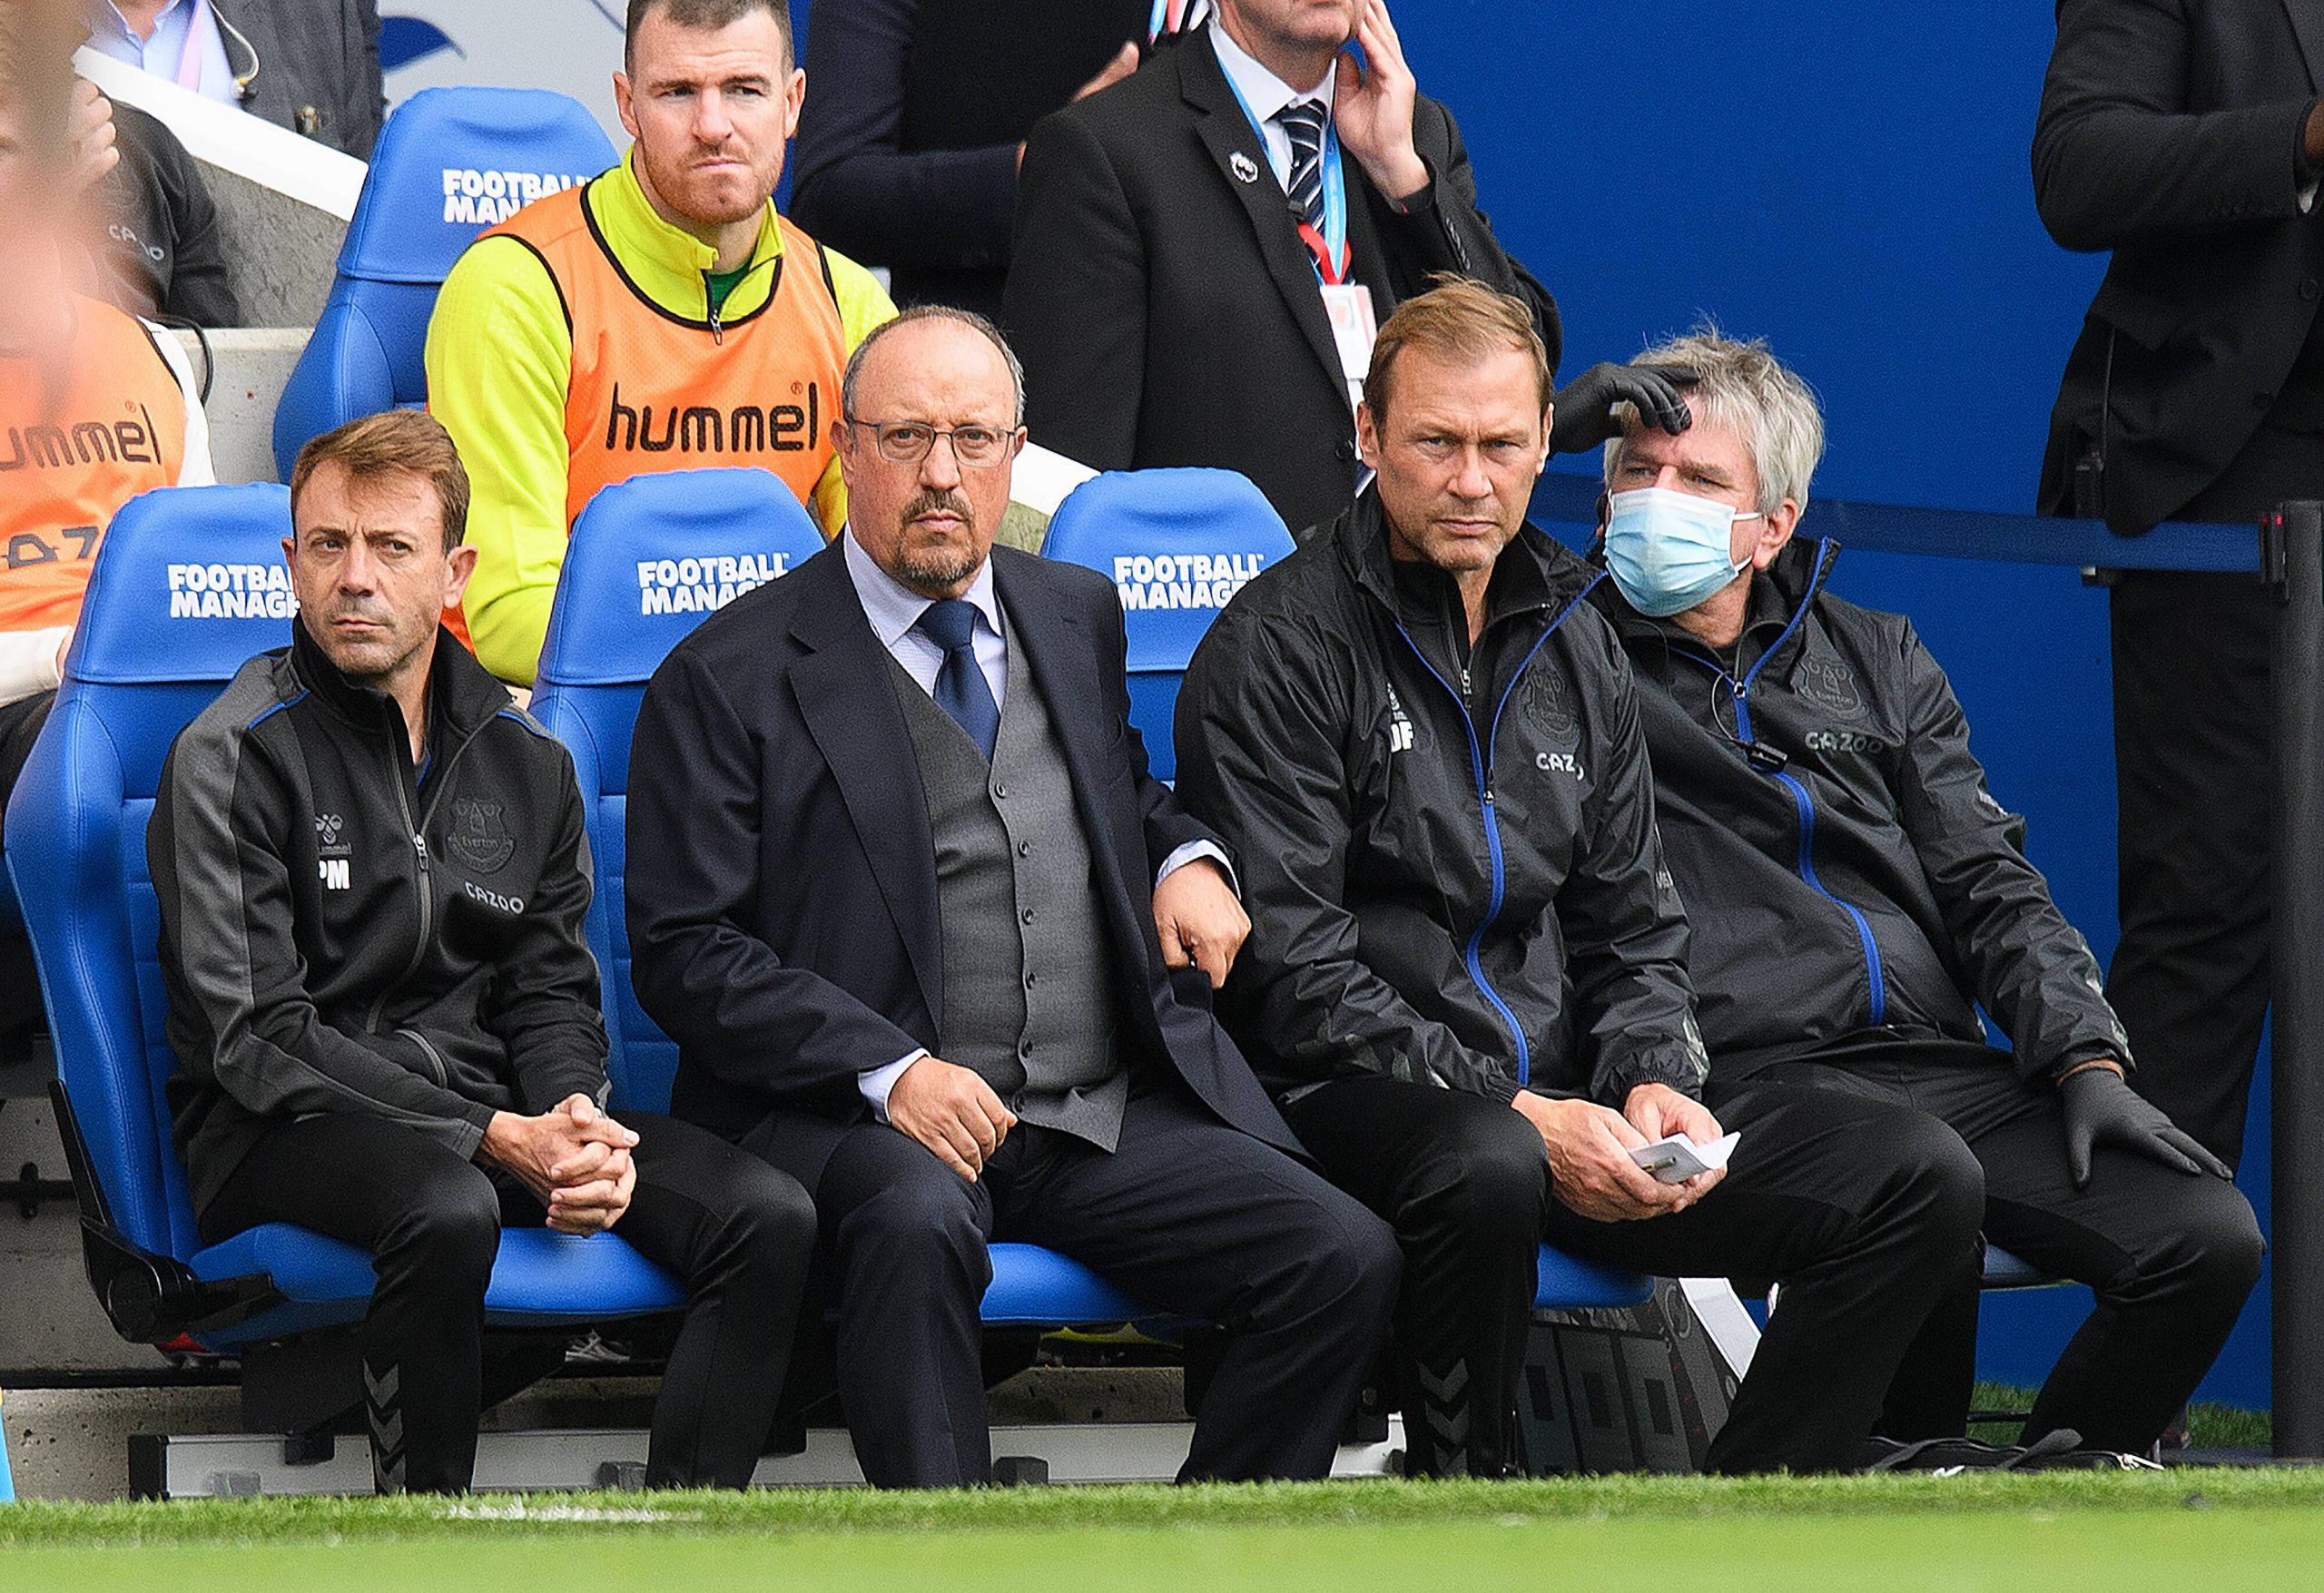 Can Benetiz win over the Everton faithful?